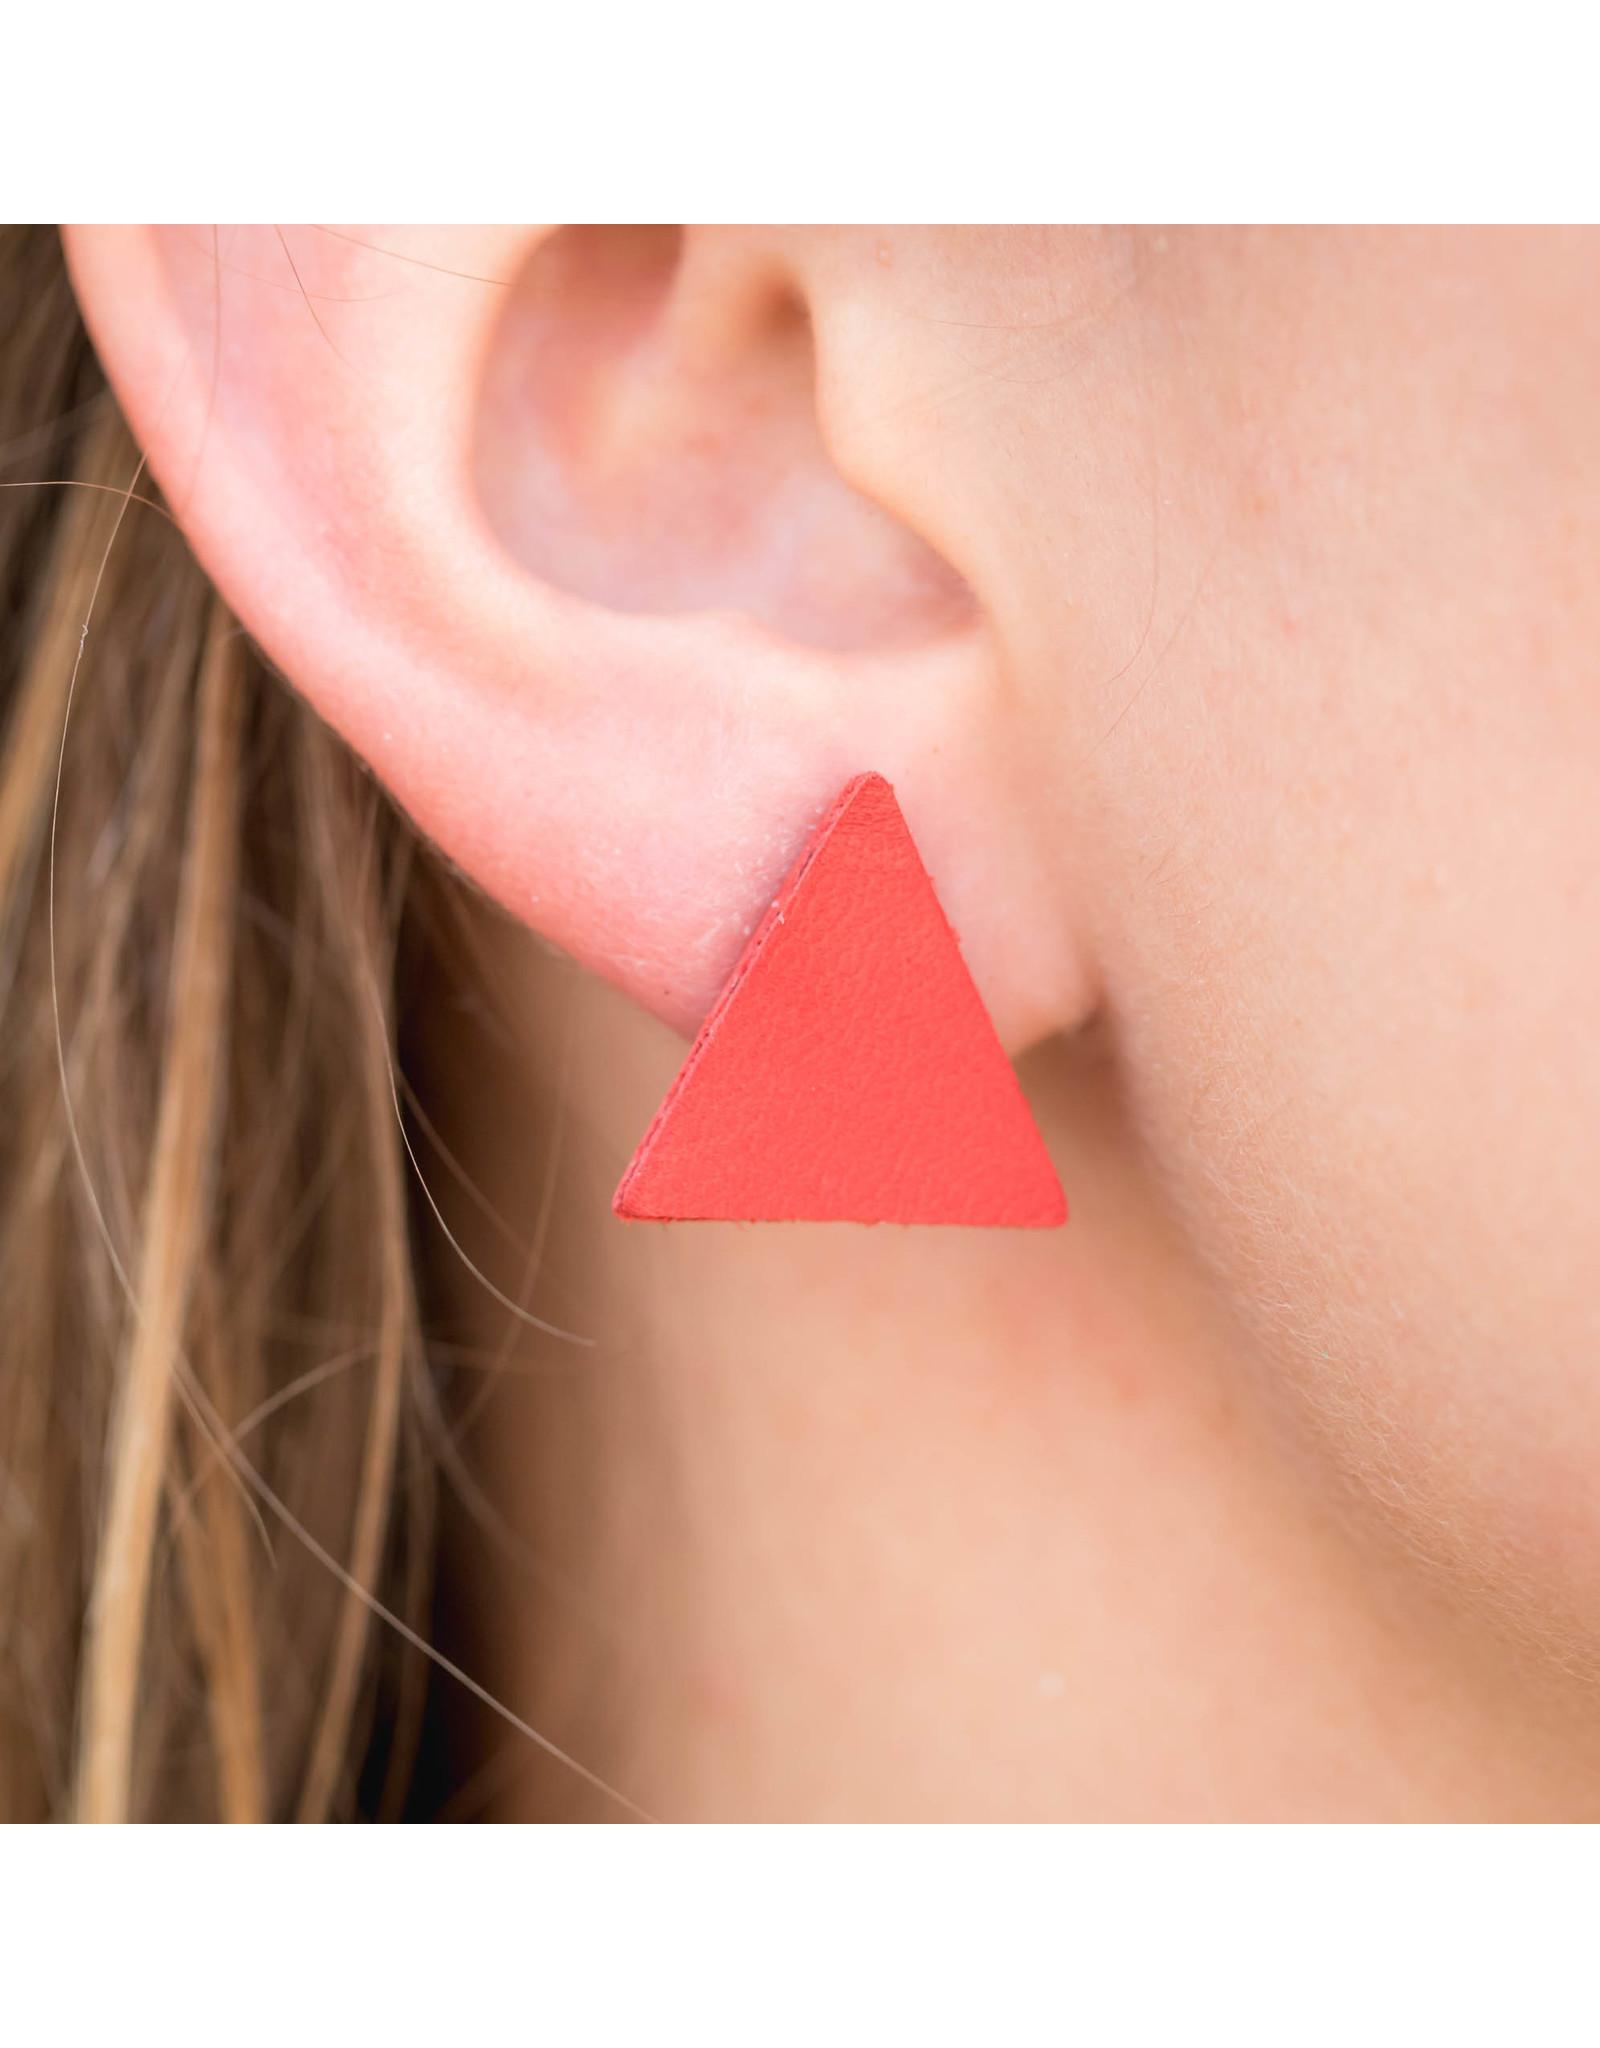 The Kumba Earring